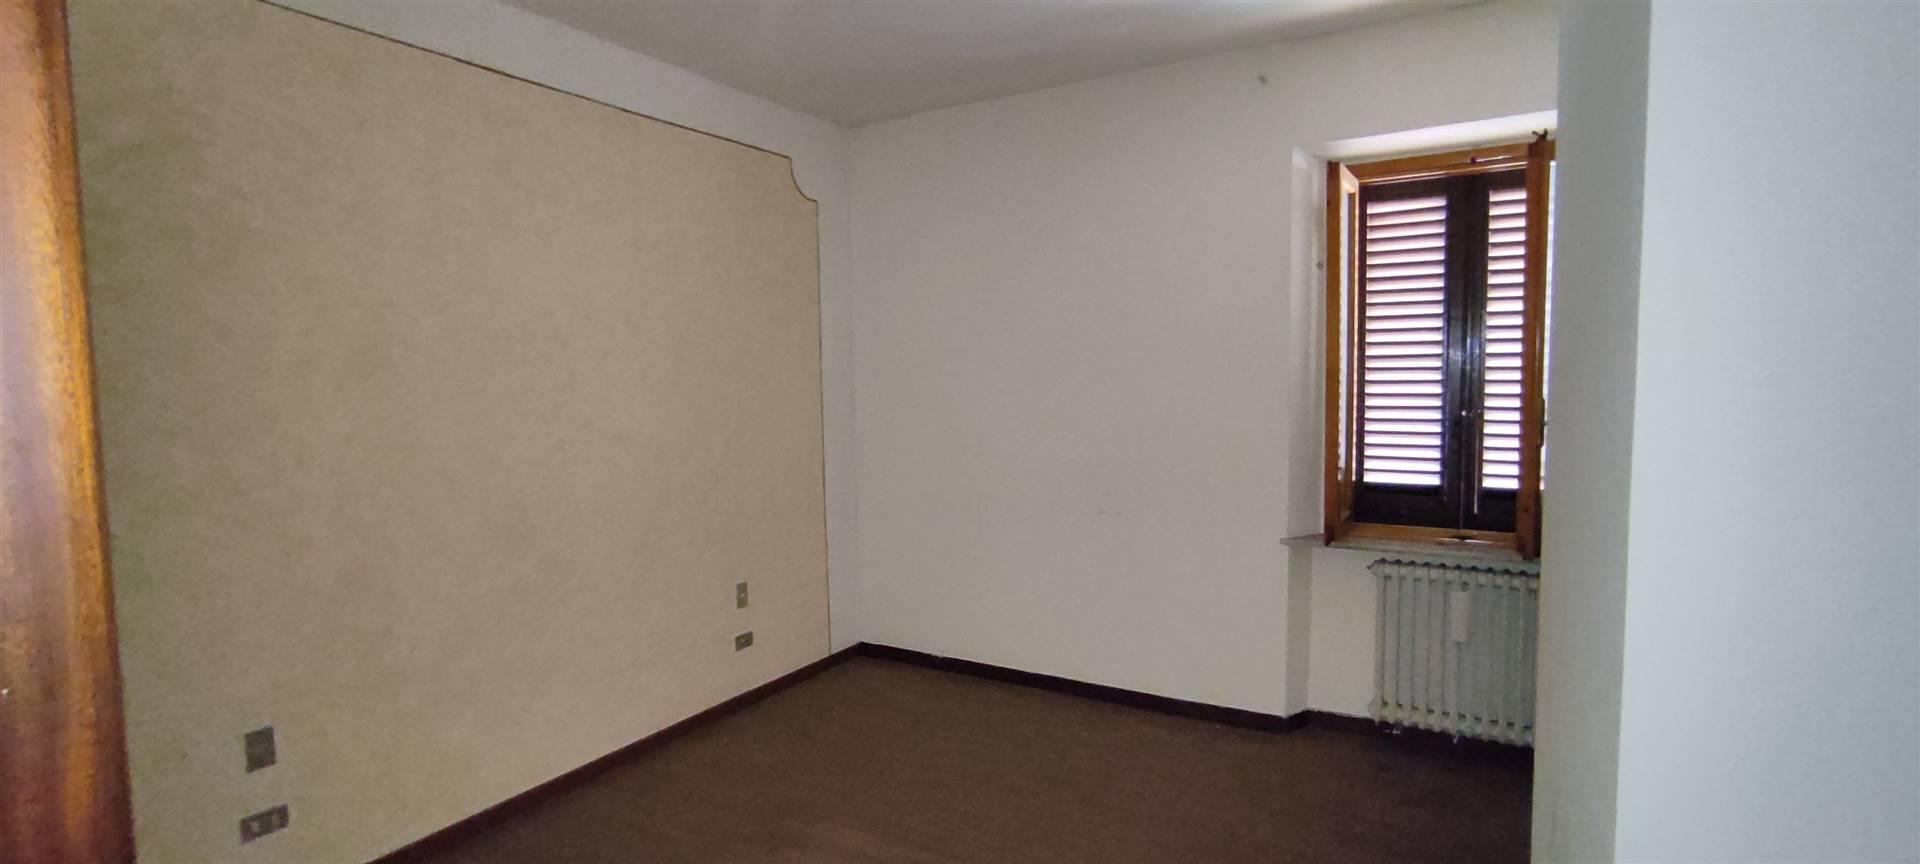 La camera del primo piano